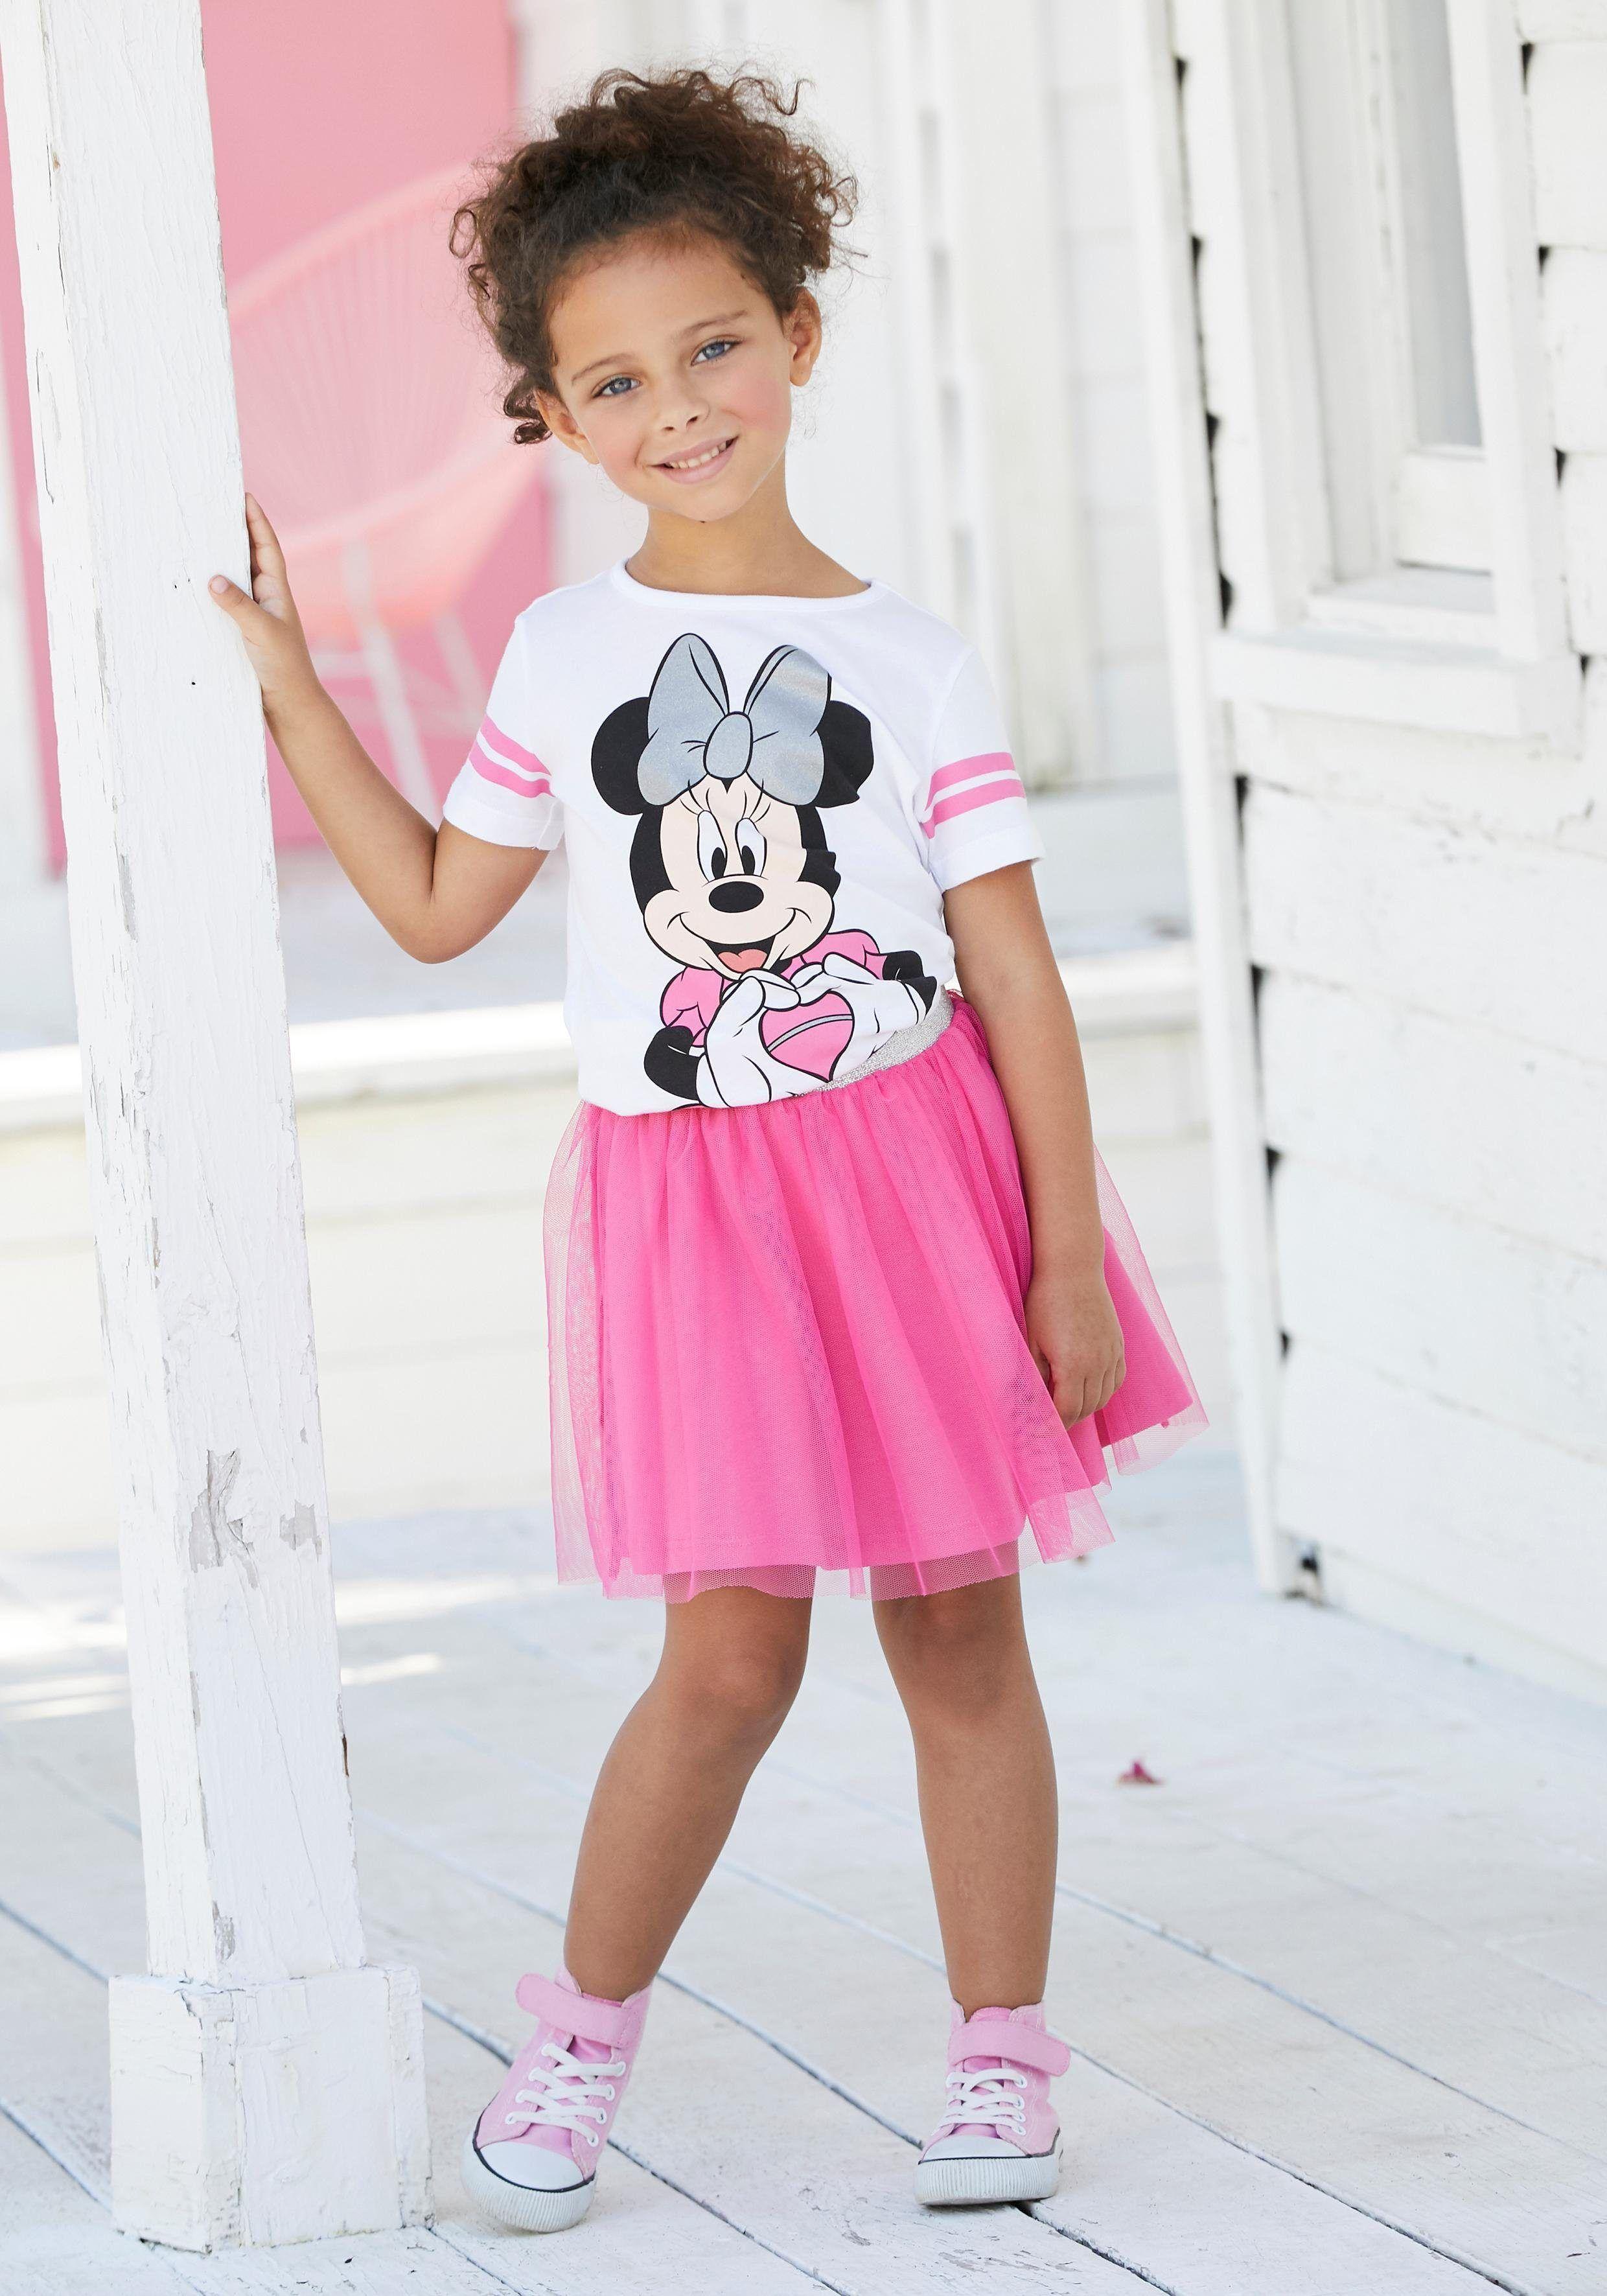 Hose 2Tlg Outfit Kinder Mädchen Winter Kleidung Minnie Maus Langarm Sweatshirt